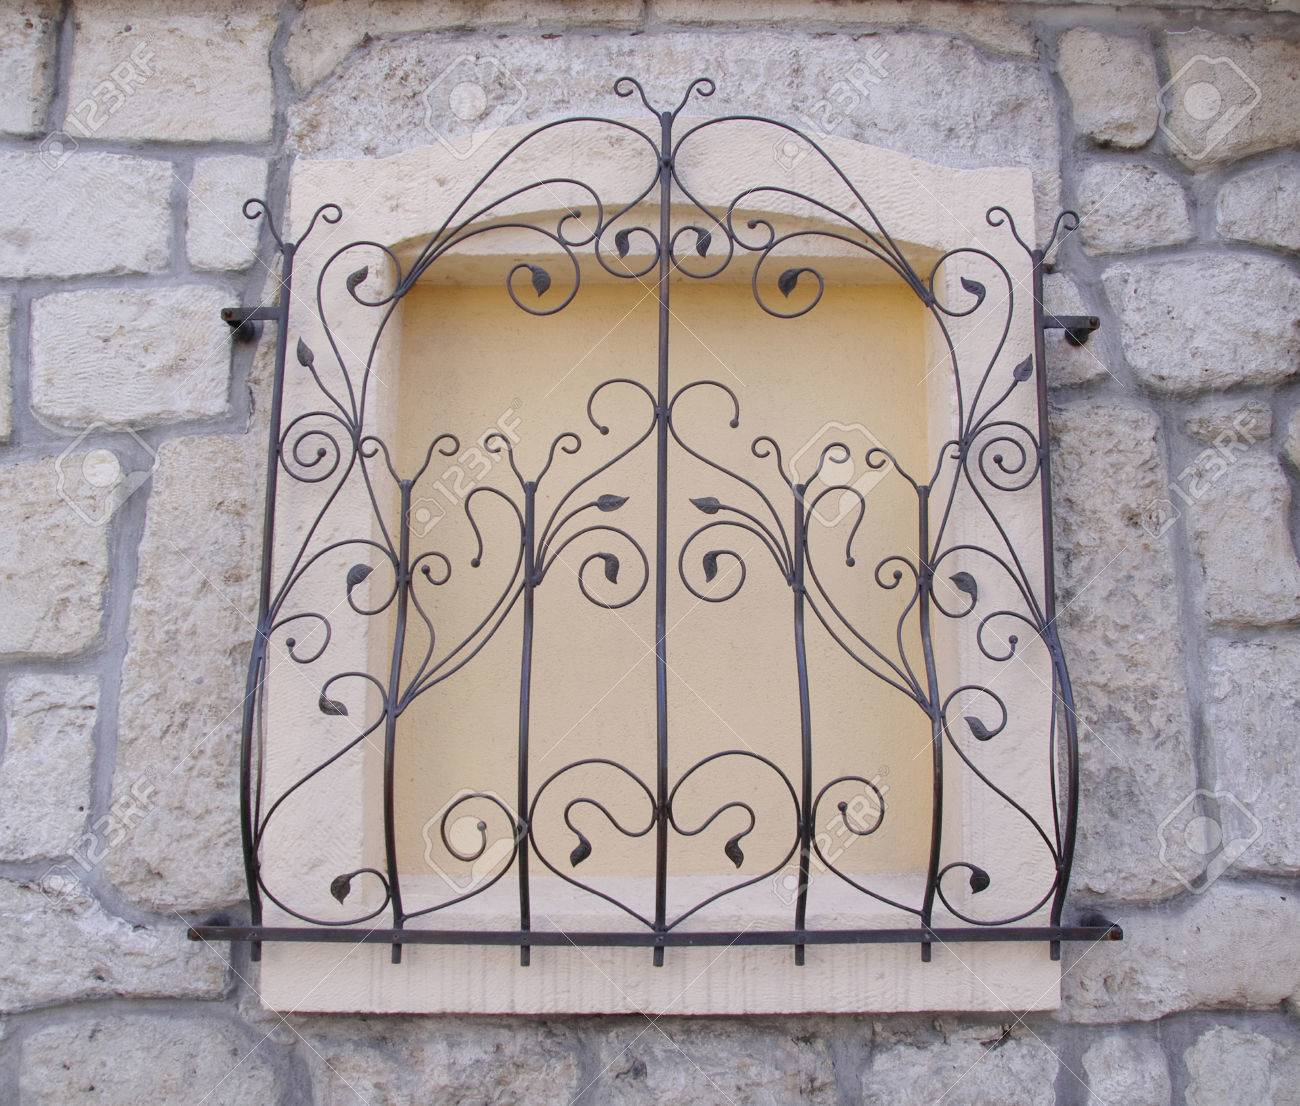 Grille De Fer Forgé Décoratif Sur Paroi Fenêtre Gros Plan Banque D